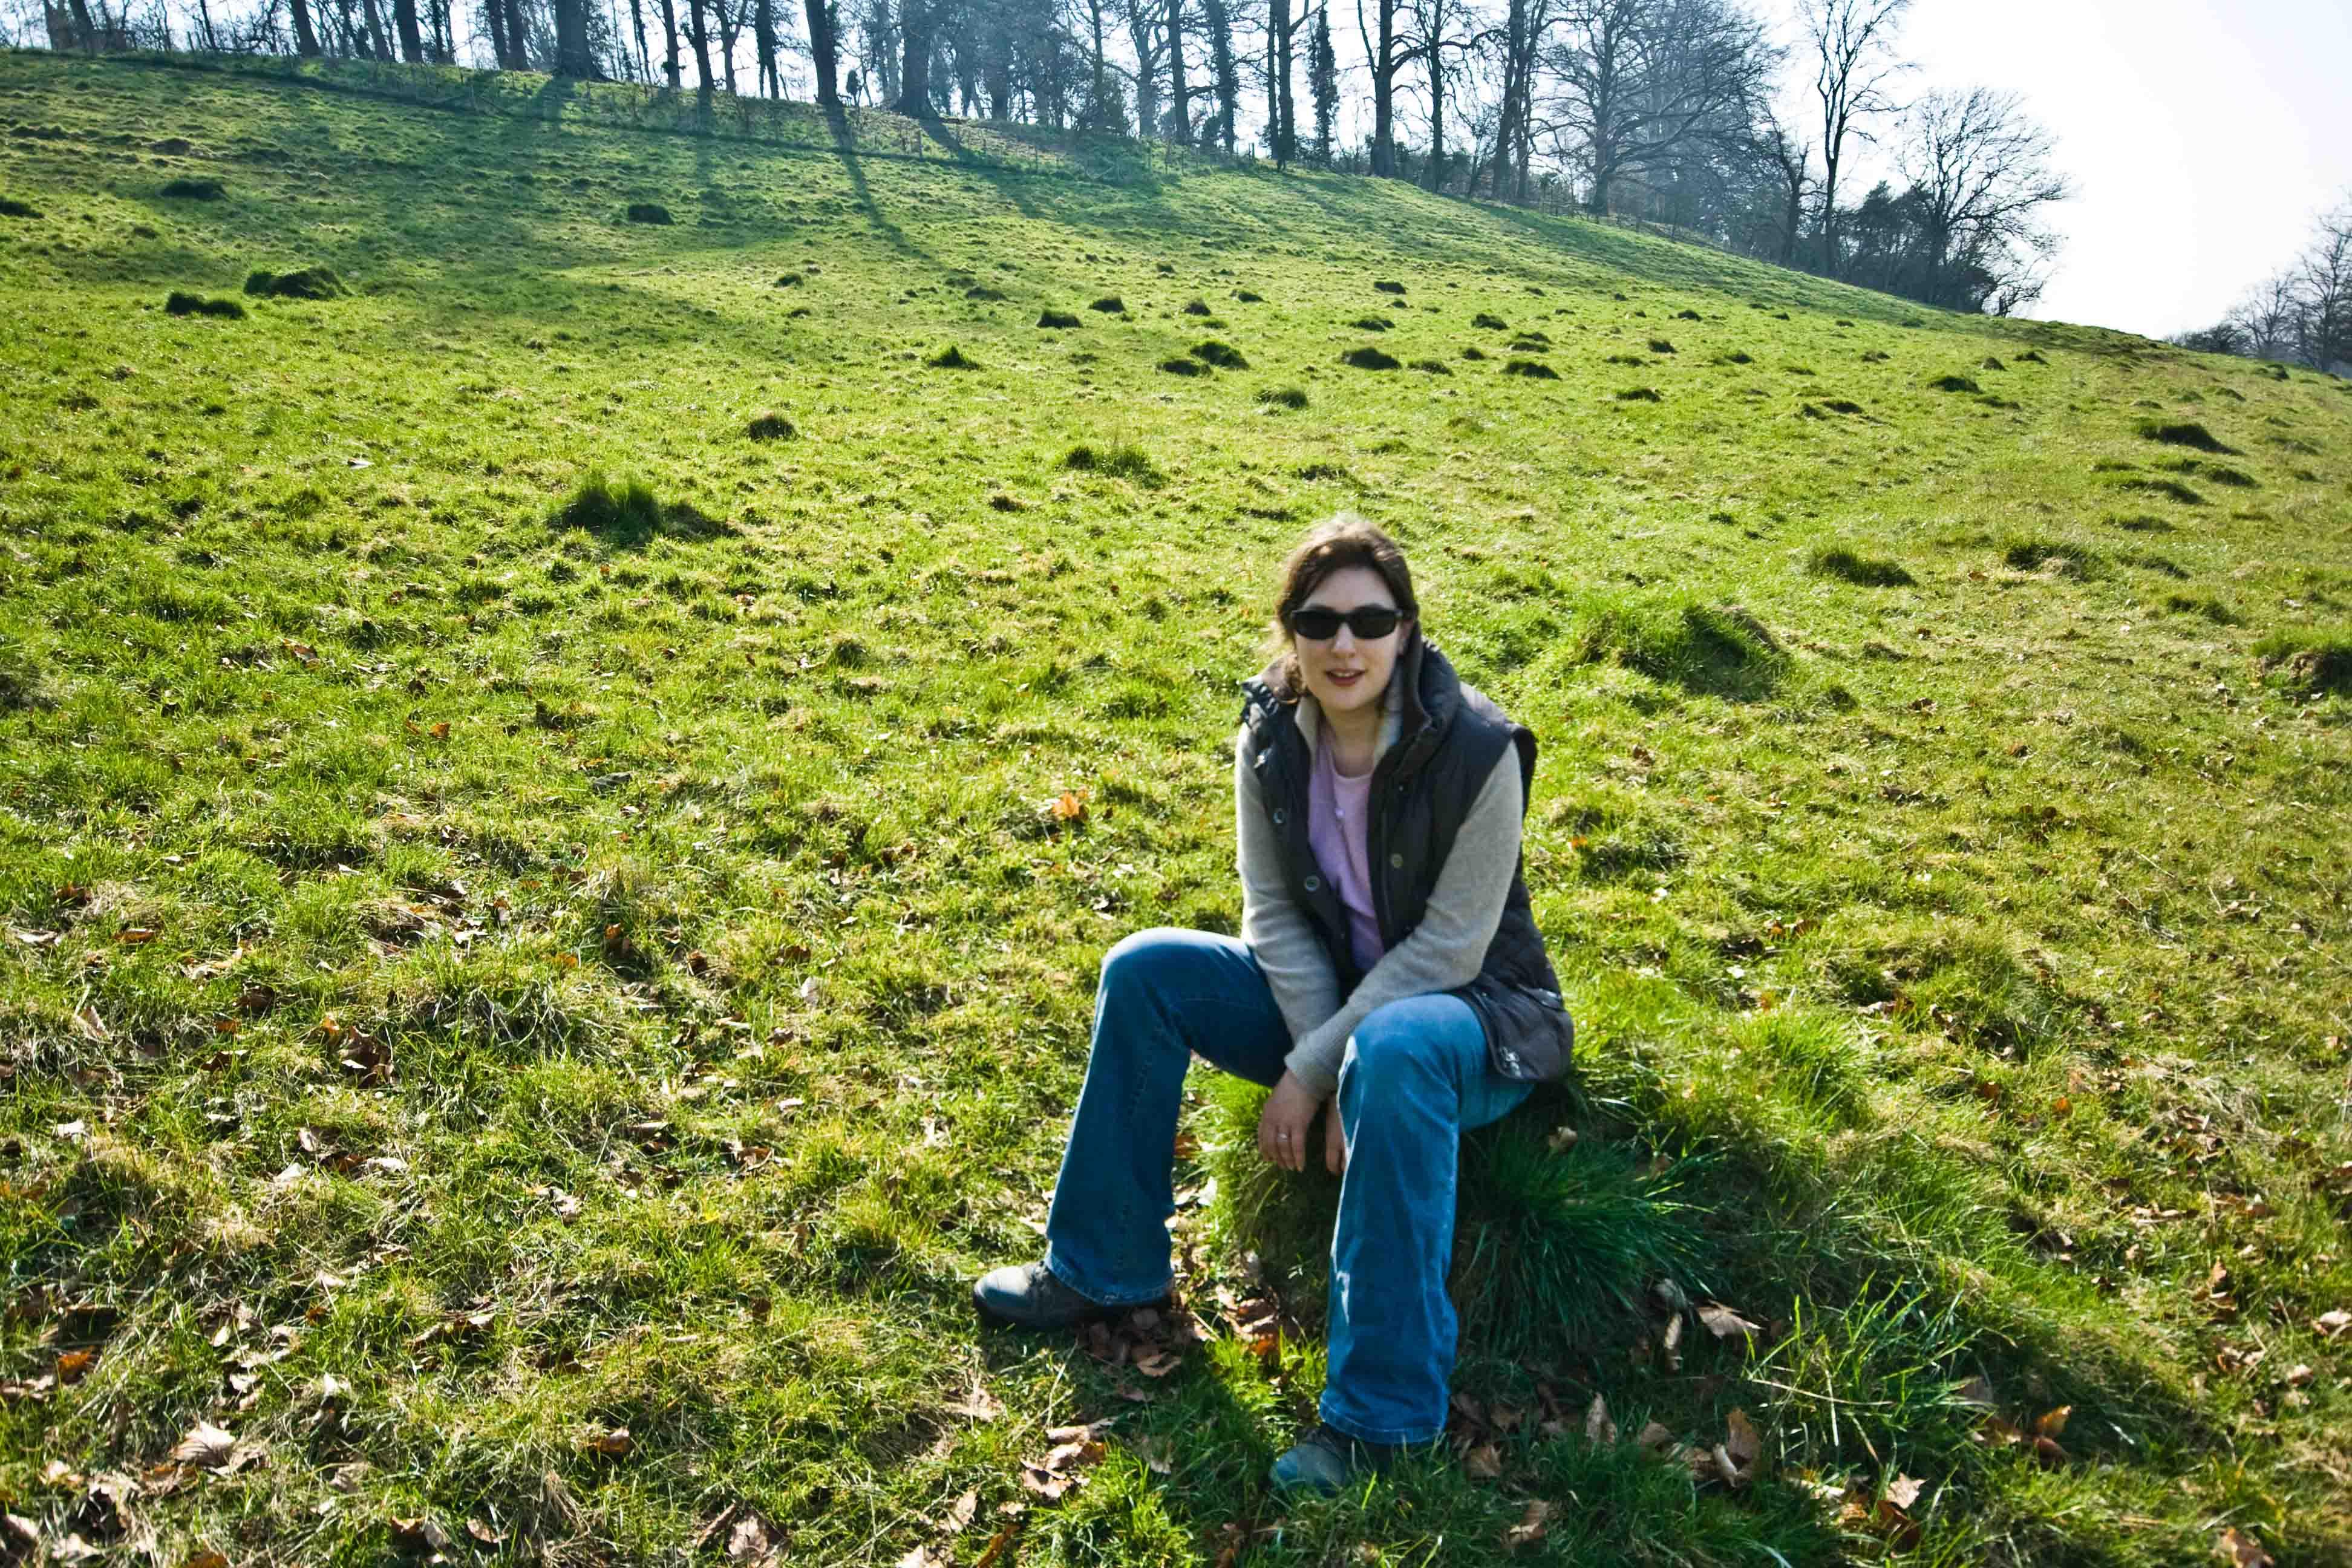 Me on a molehill